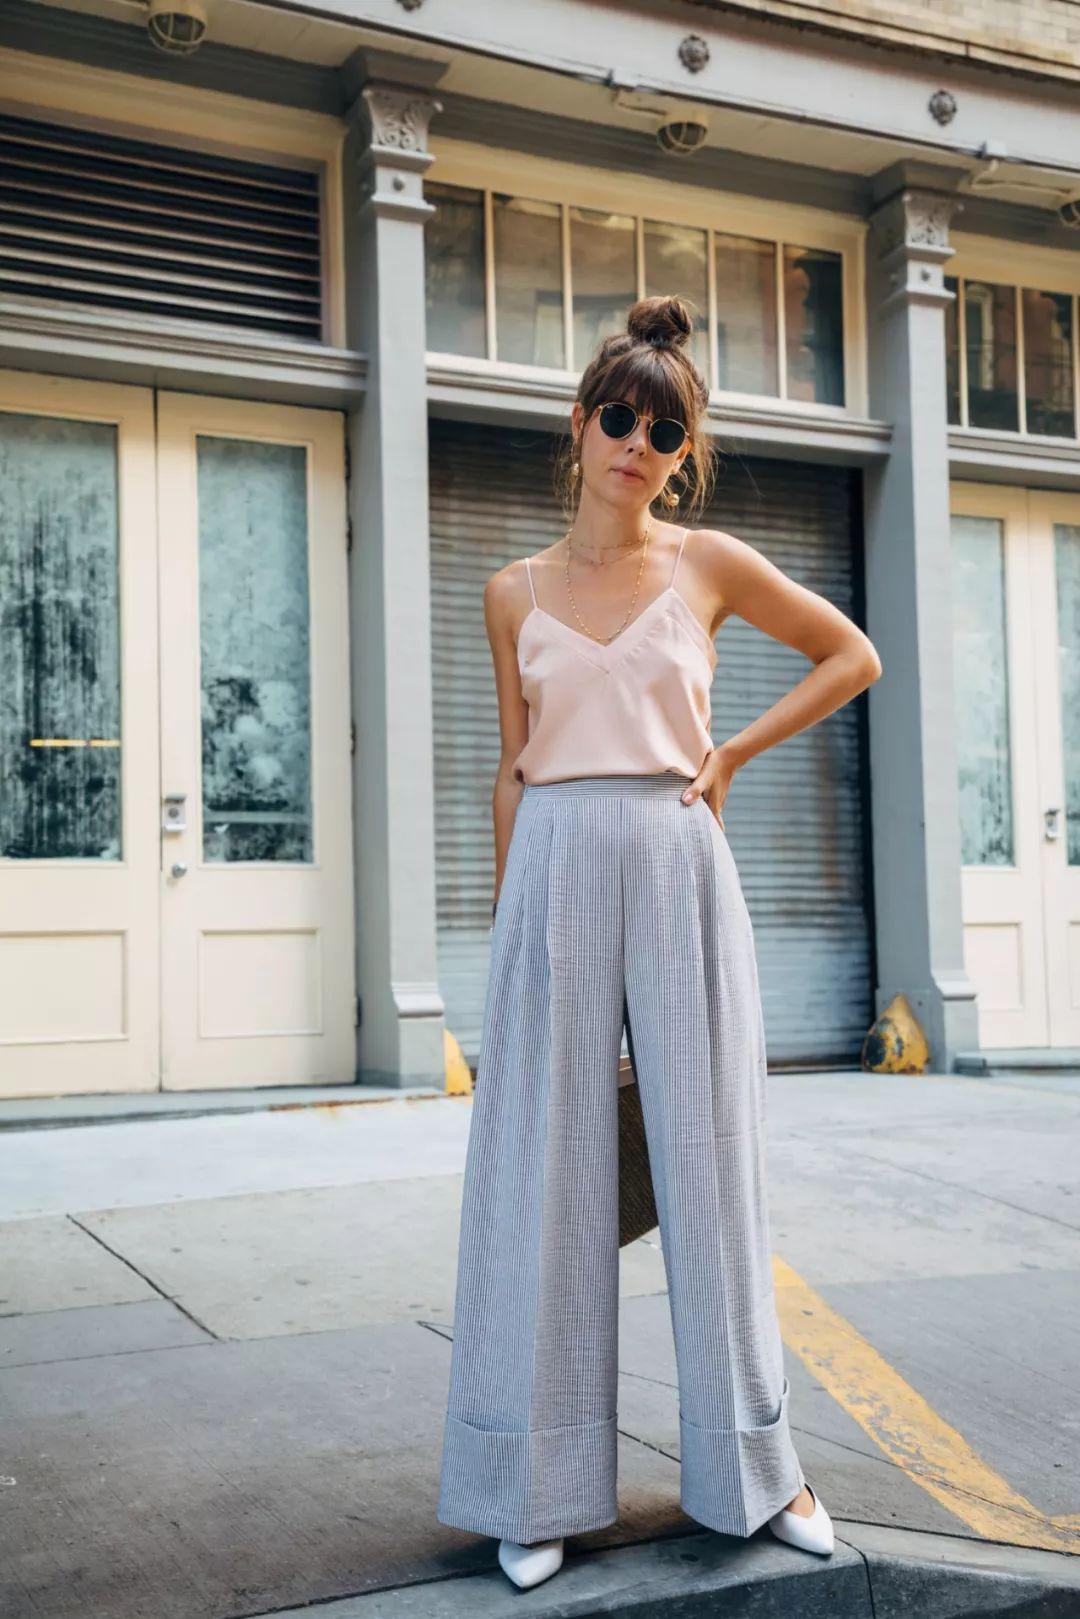 3 mẫu quần đảm bảo mặc vào mát mẻ không thua gì mặc váy!-15